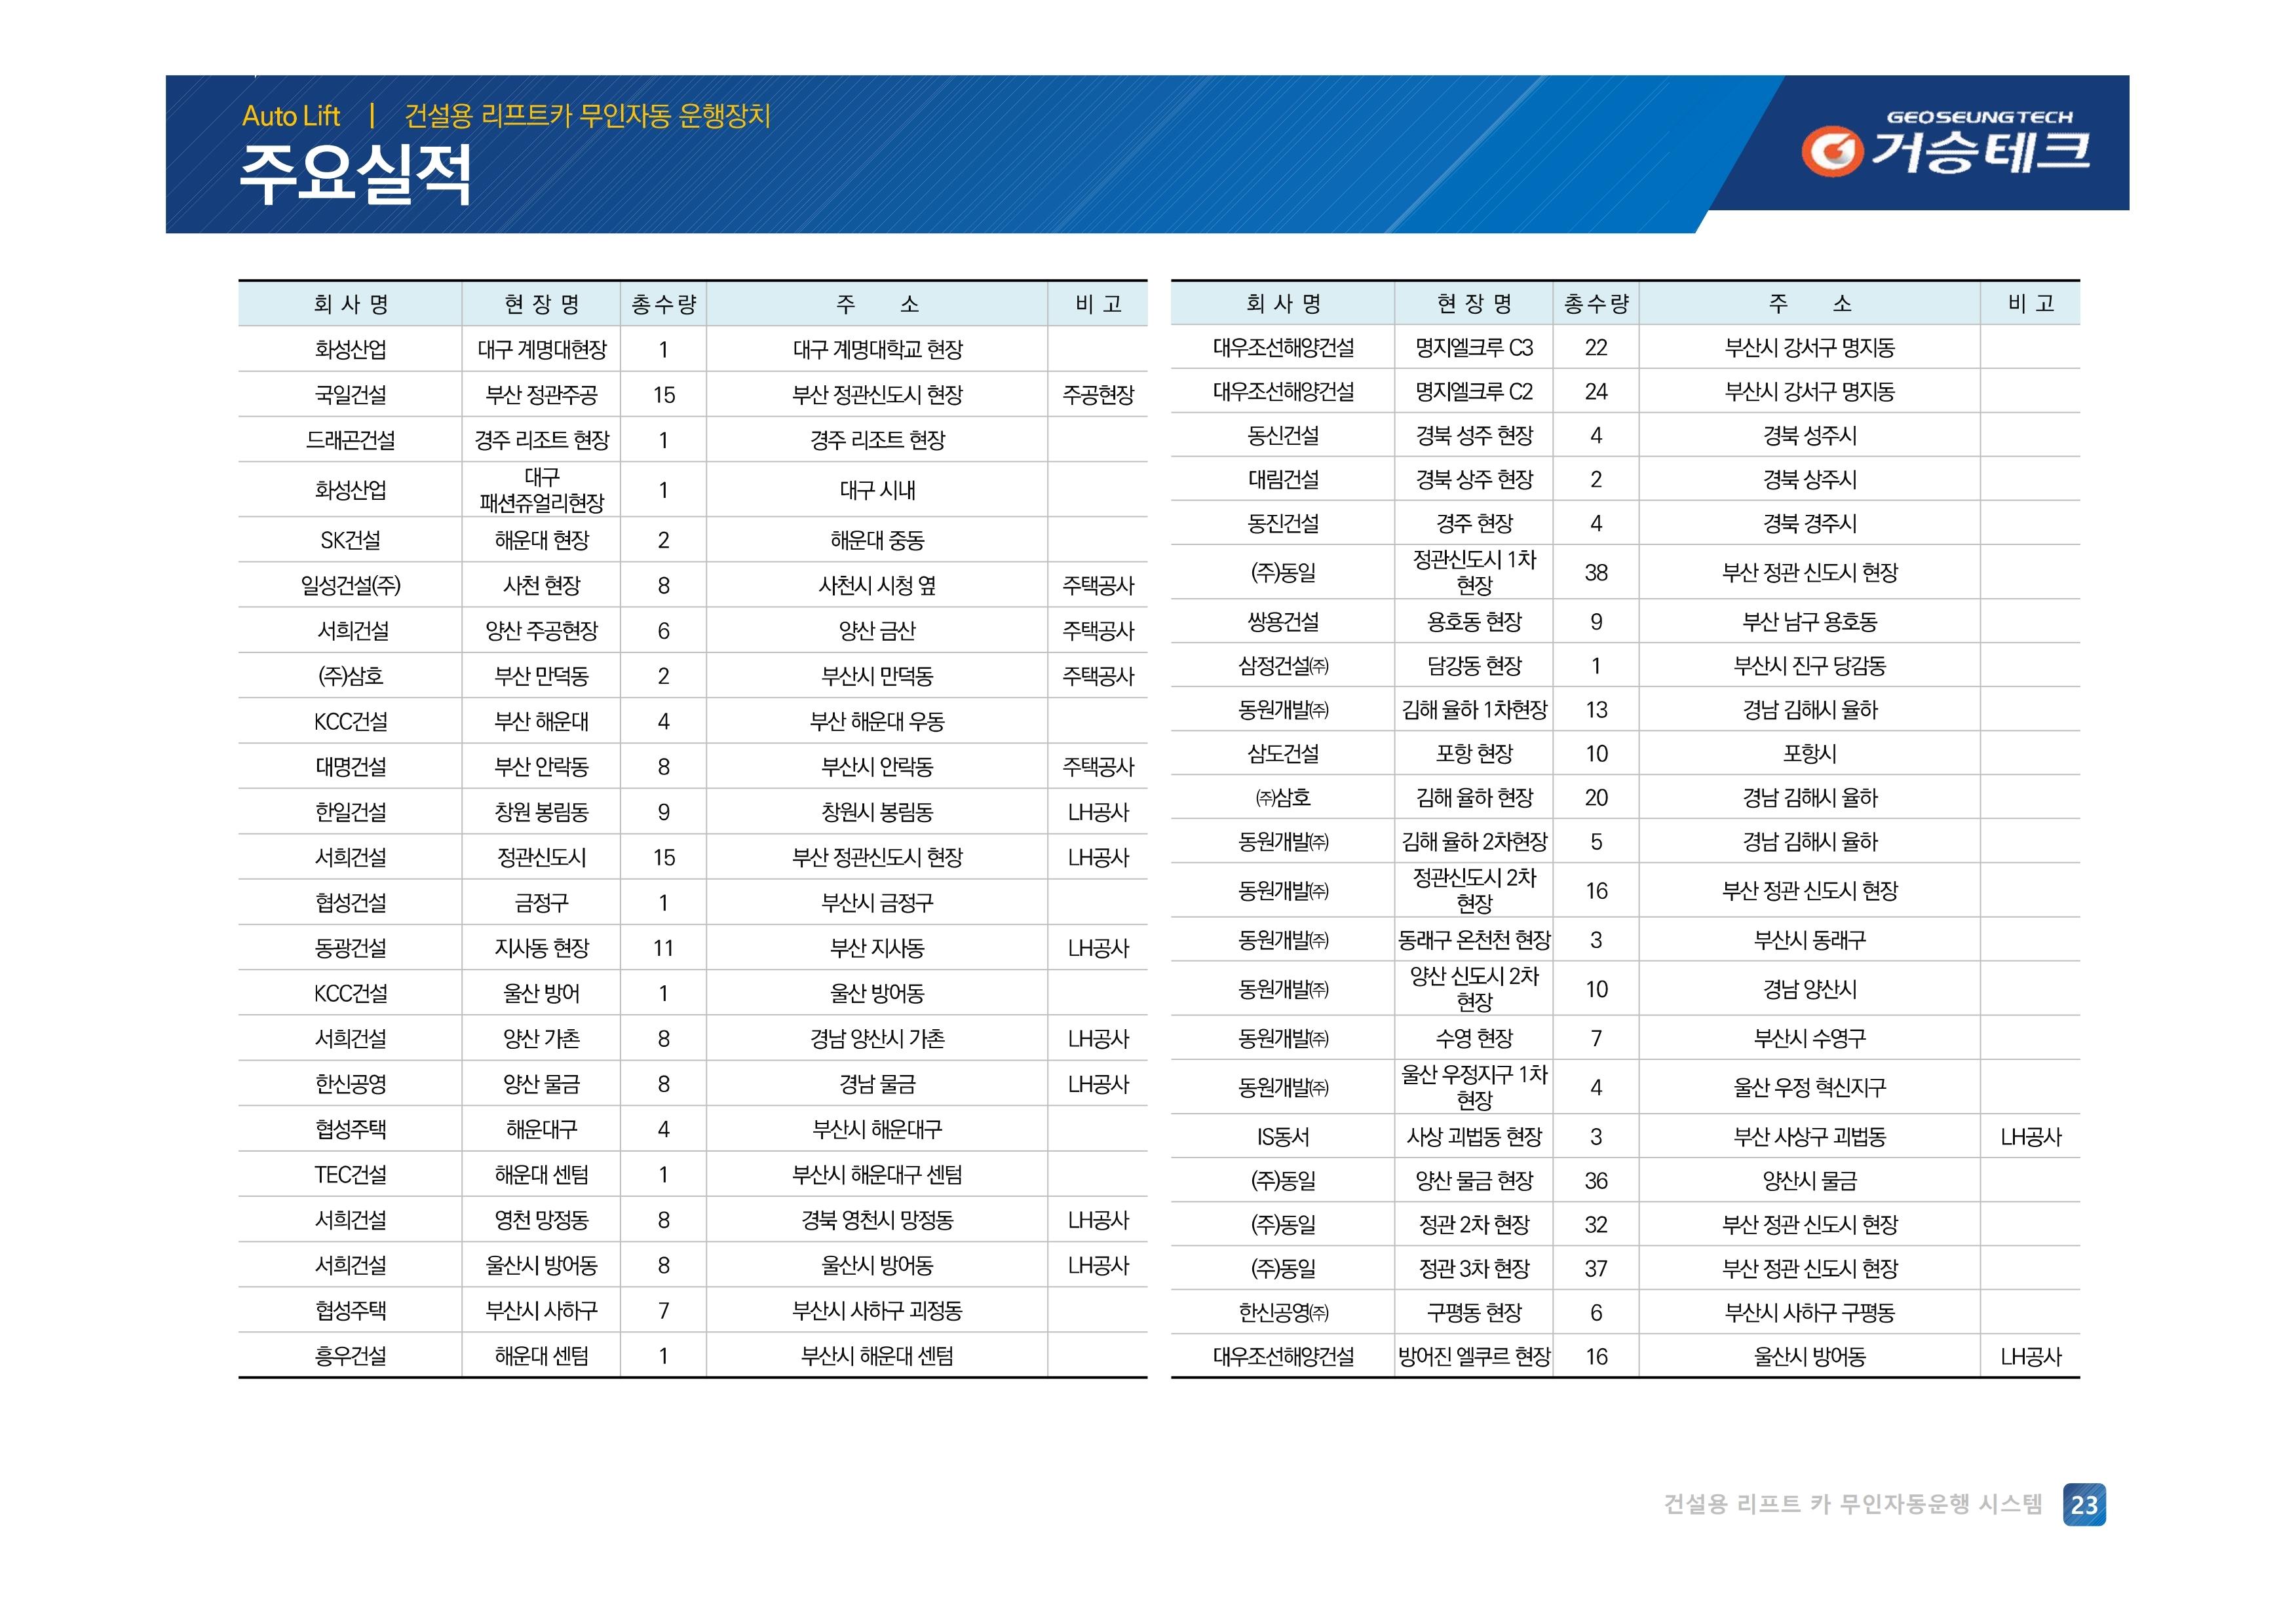 무인자동 (거승테크)-Rev01 (2020-07-22).pdf_page_23.jpg